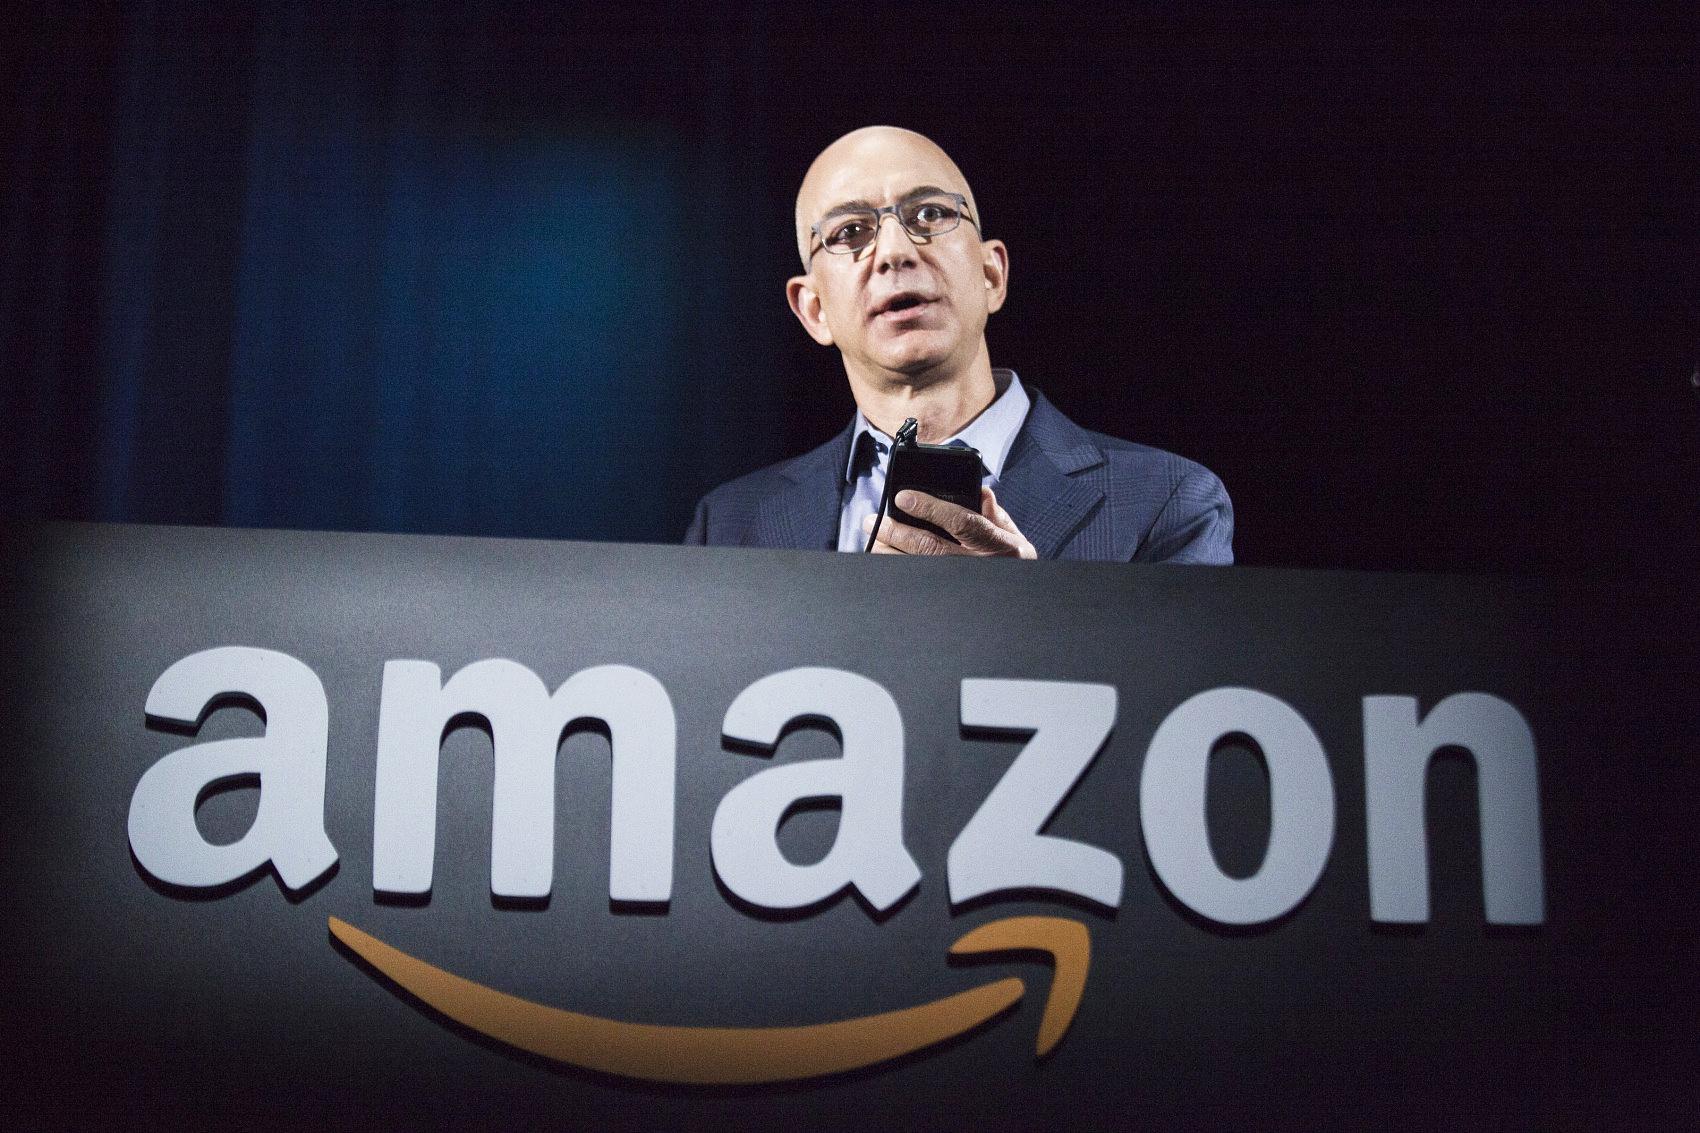 美国400富豪榜出炉:贝索斯第一 Zoom创始人袁征首次入榜